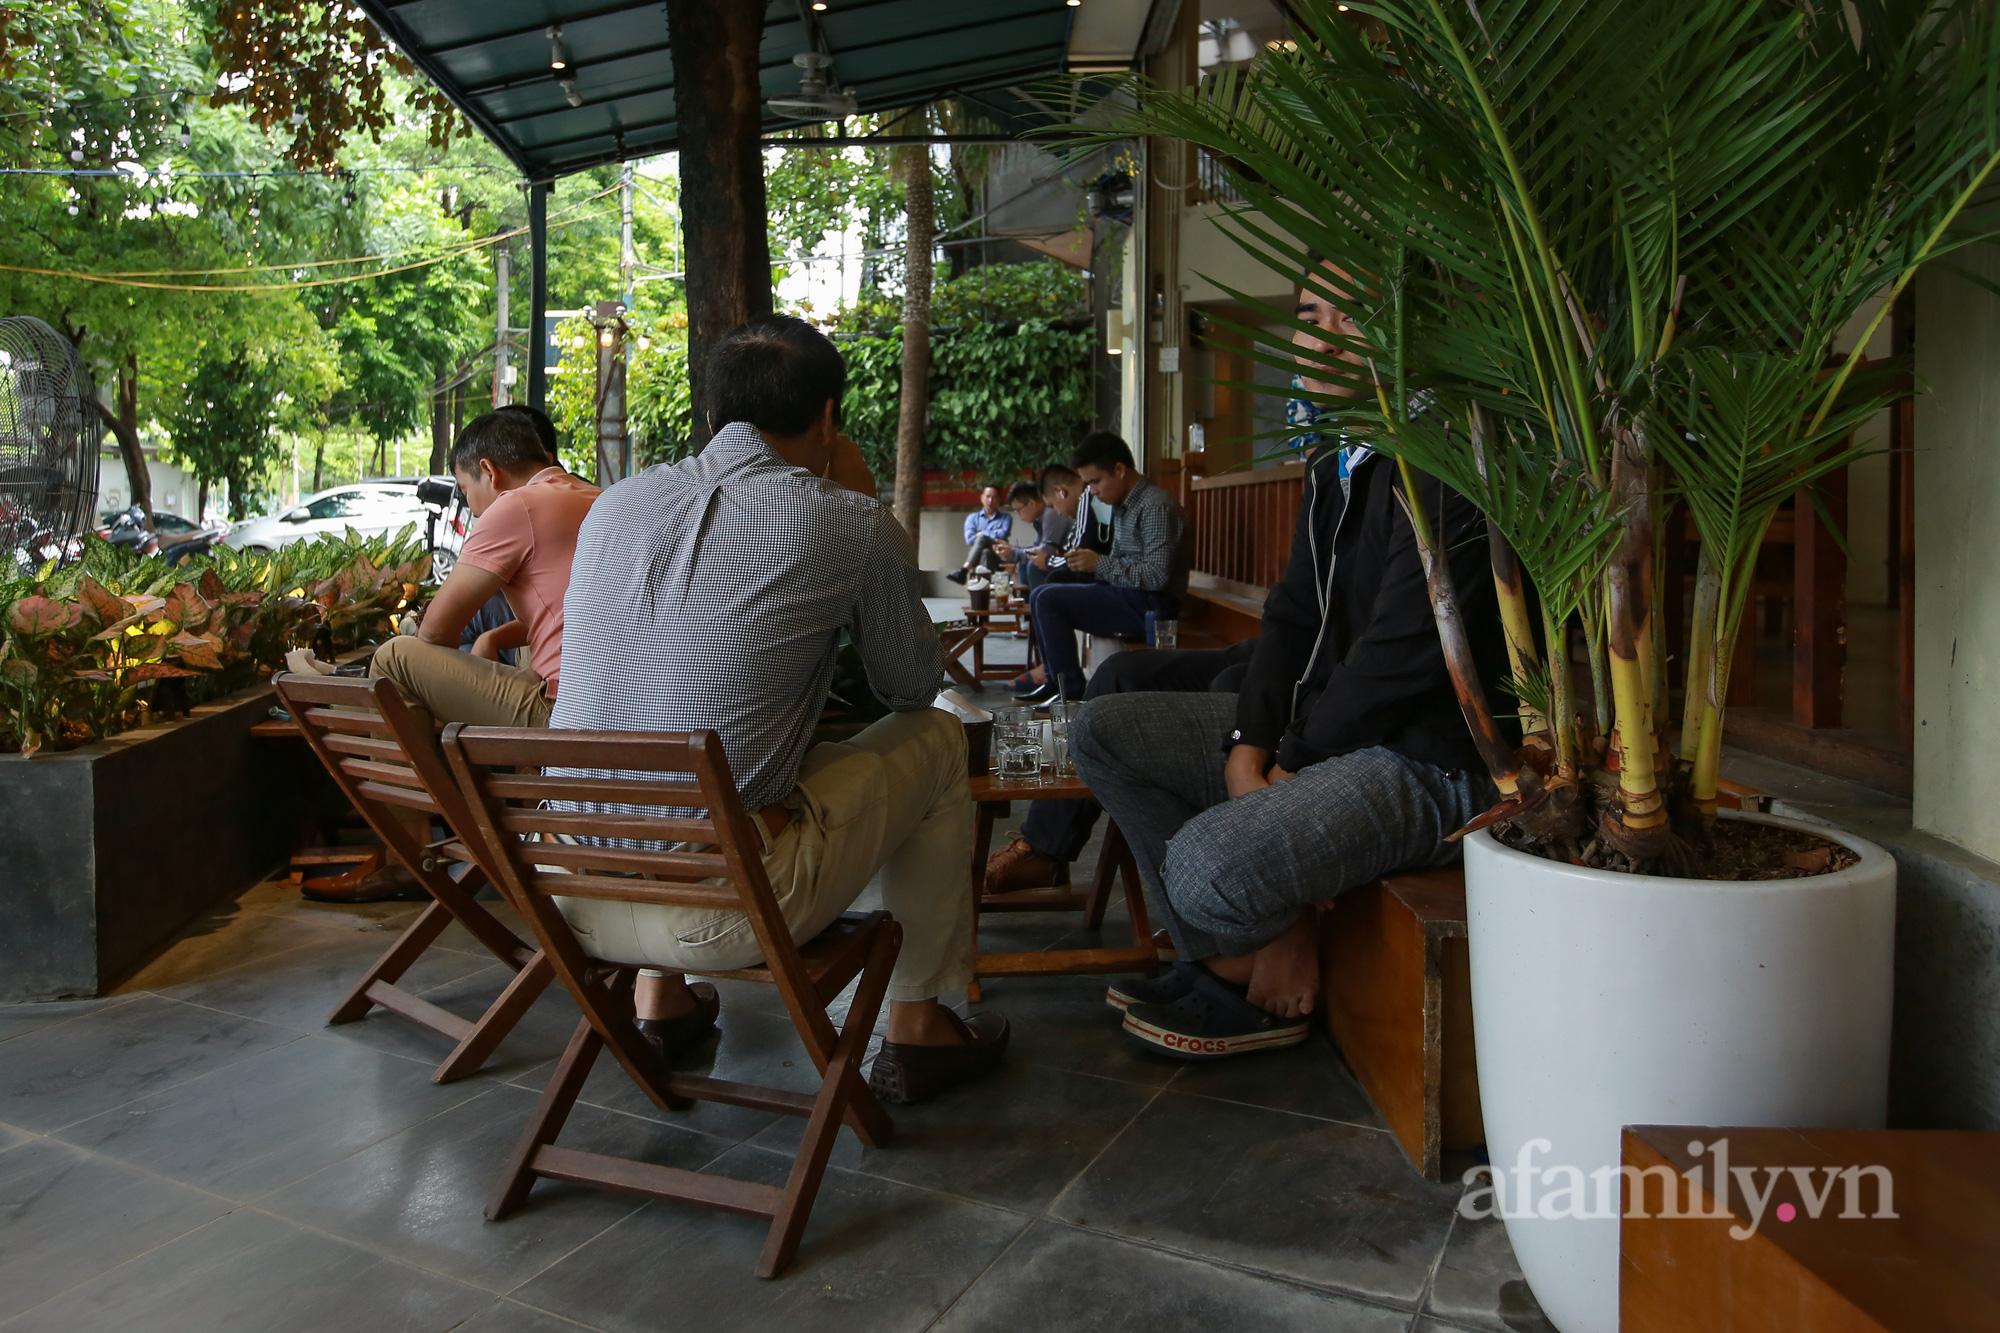 Người Hà Nội hồ hởi dậy sớm đi ăn sáng, cafe khi hàng ăn, uống được mở bán tại chỗ - Ảnh 12.